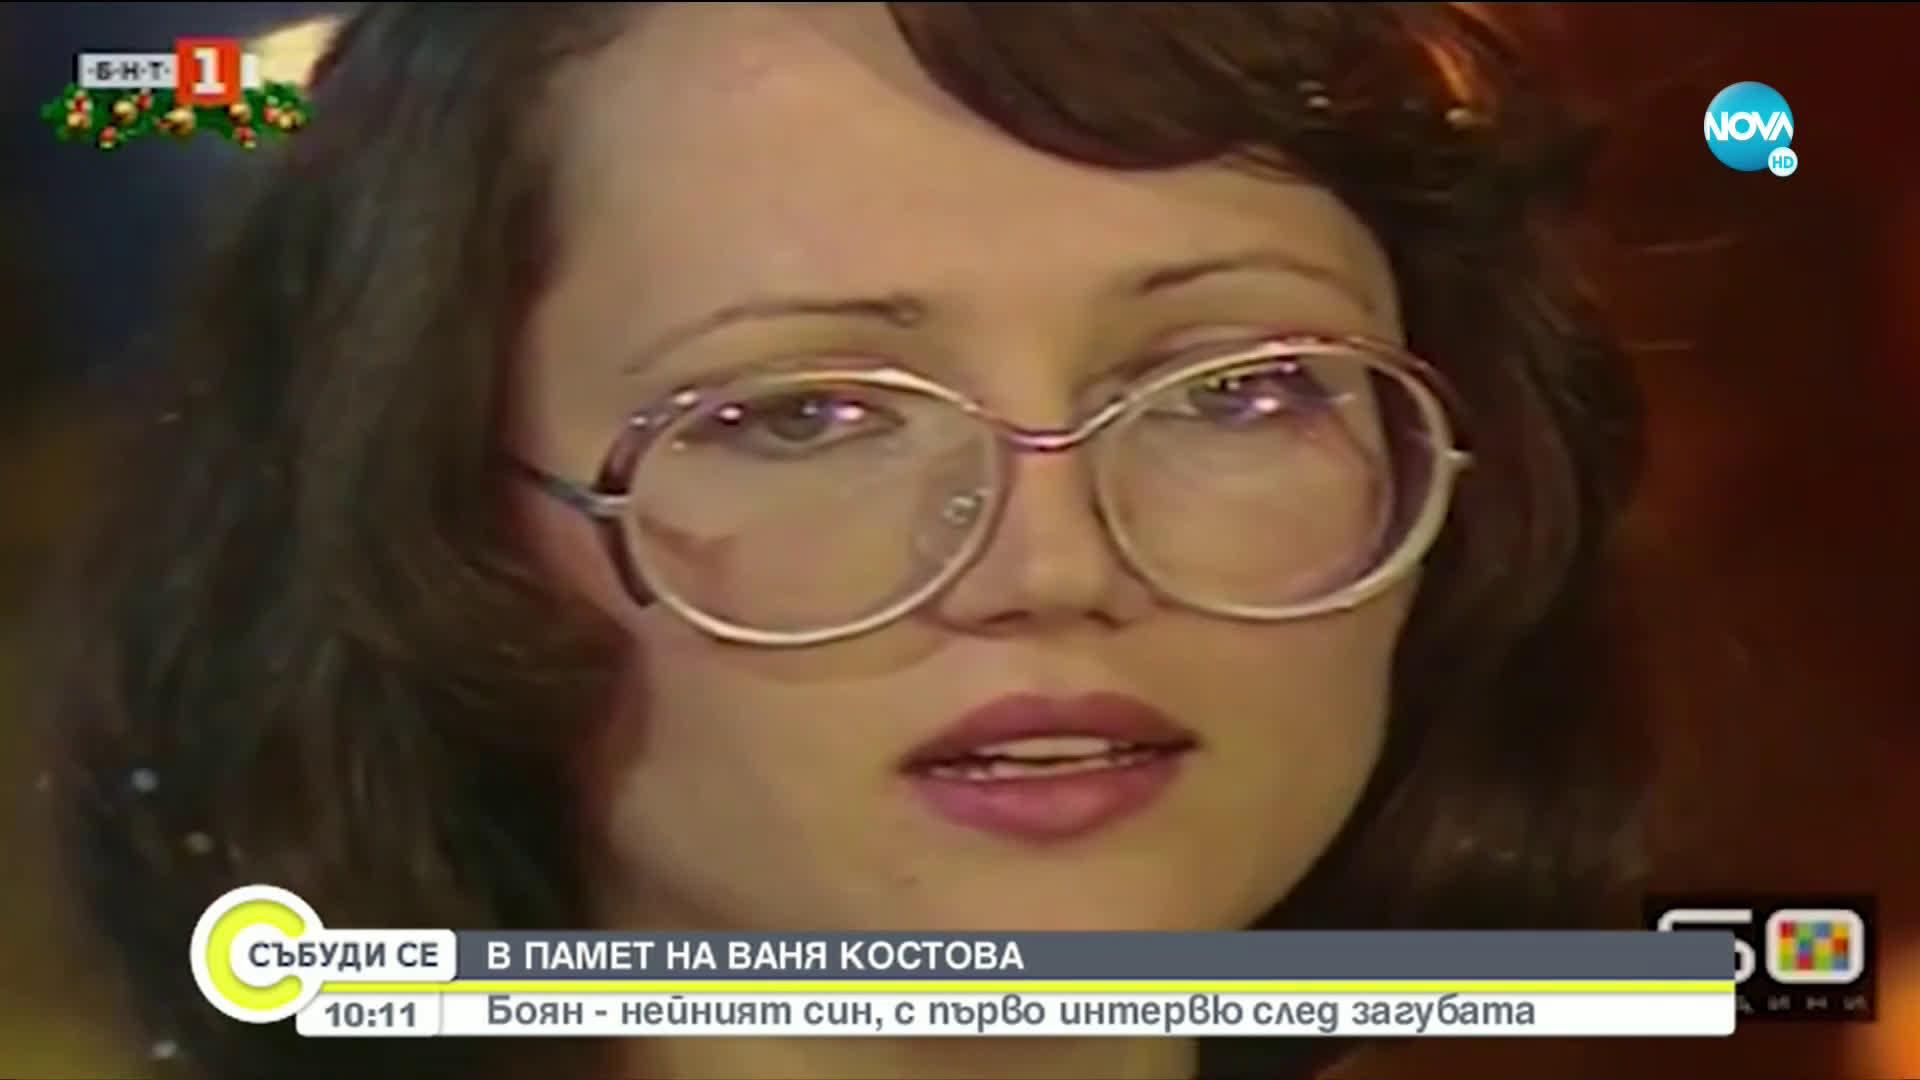 ЕКСКЛУЗИВНО: Синът на Ваня Костова с първо интервю след загубата